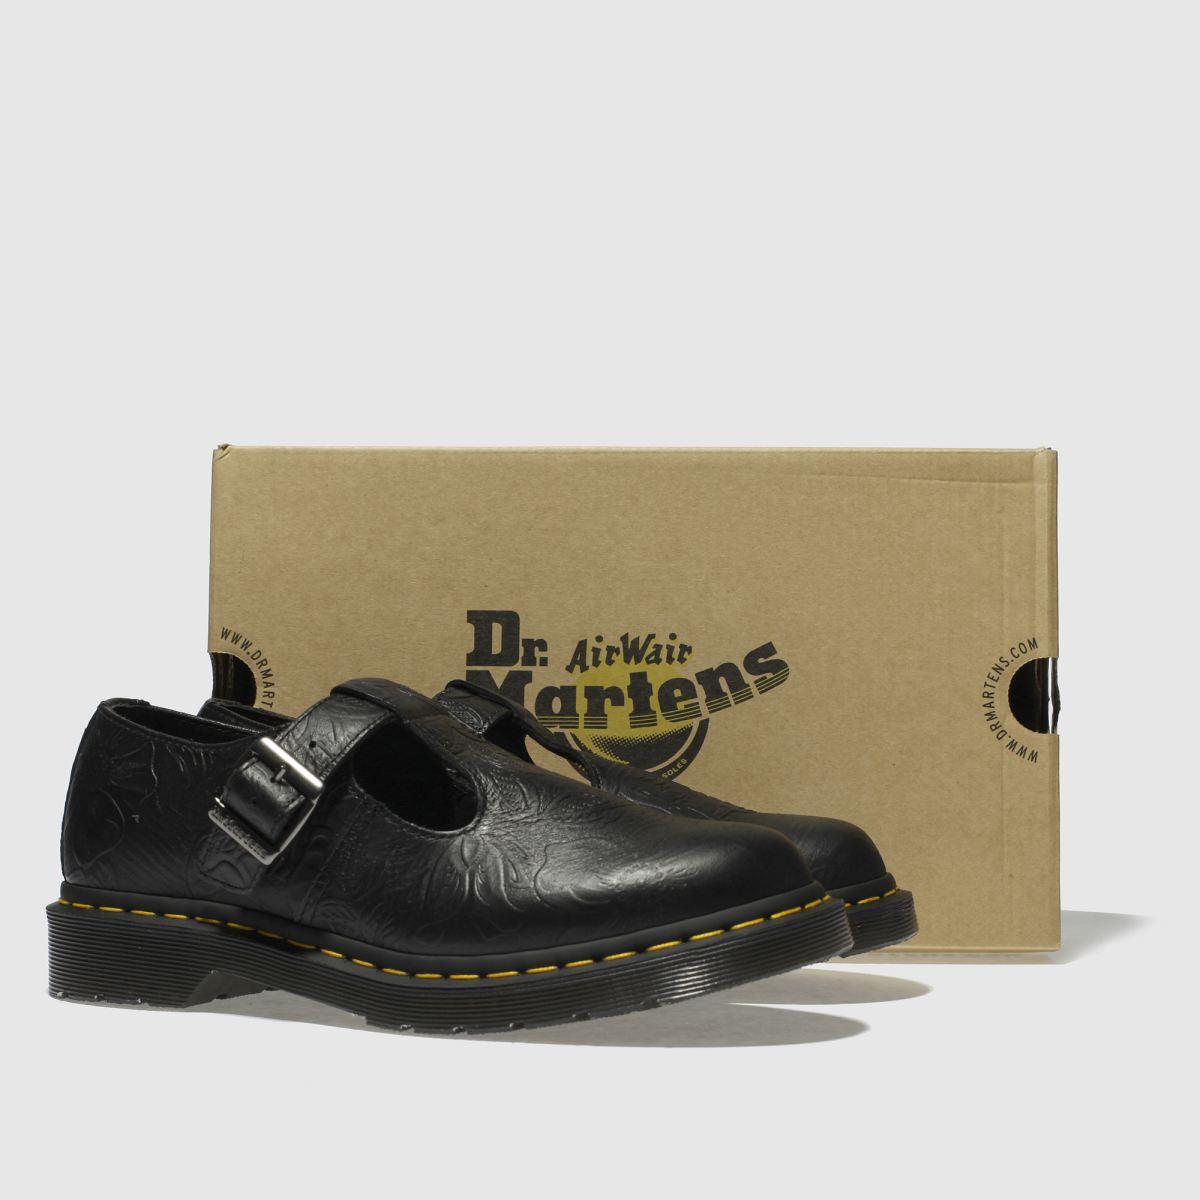 Damen Floral Schwarz dr martens Polley Floral Damen Emboss Flats | schuh Gute Qualität beliebte Schuhe ea4a4a